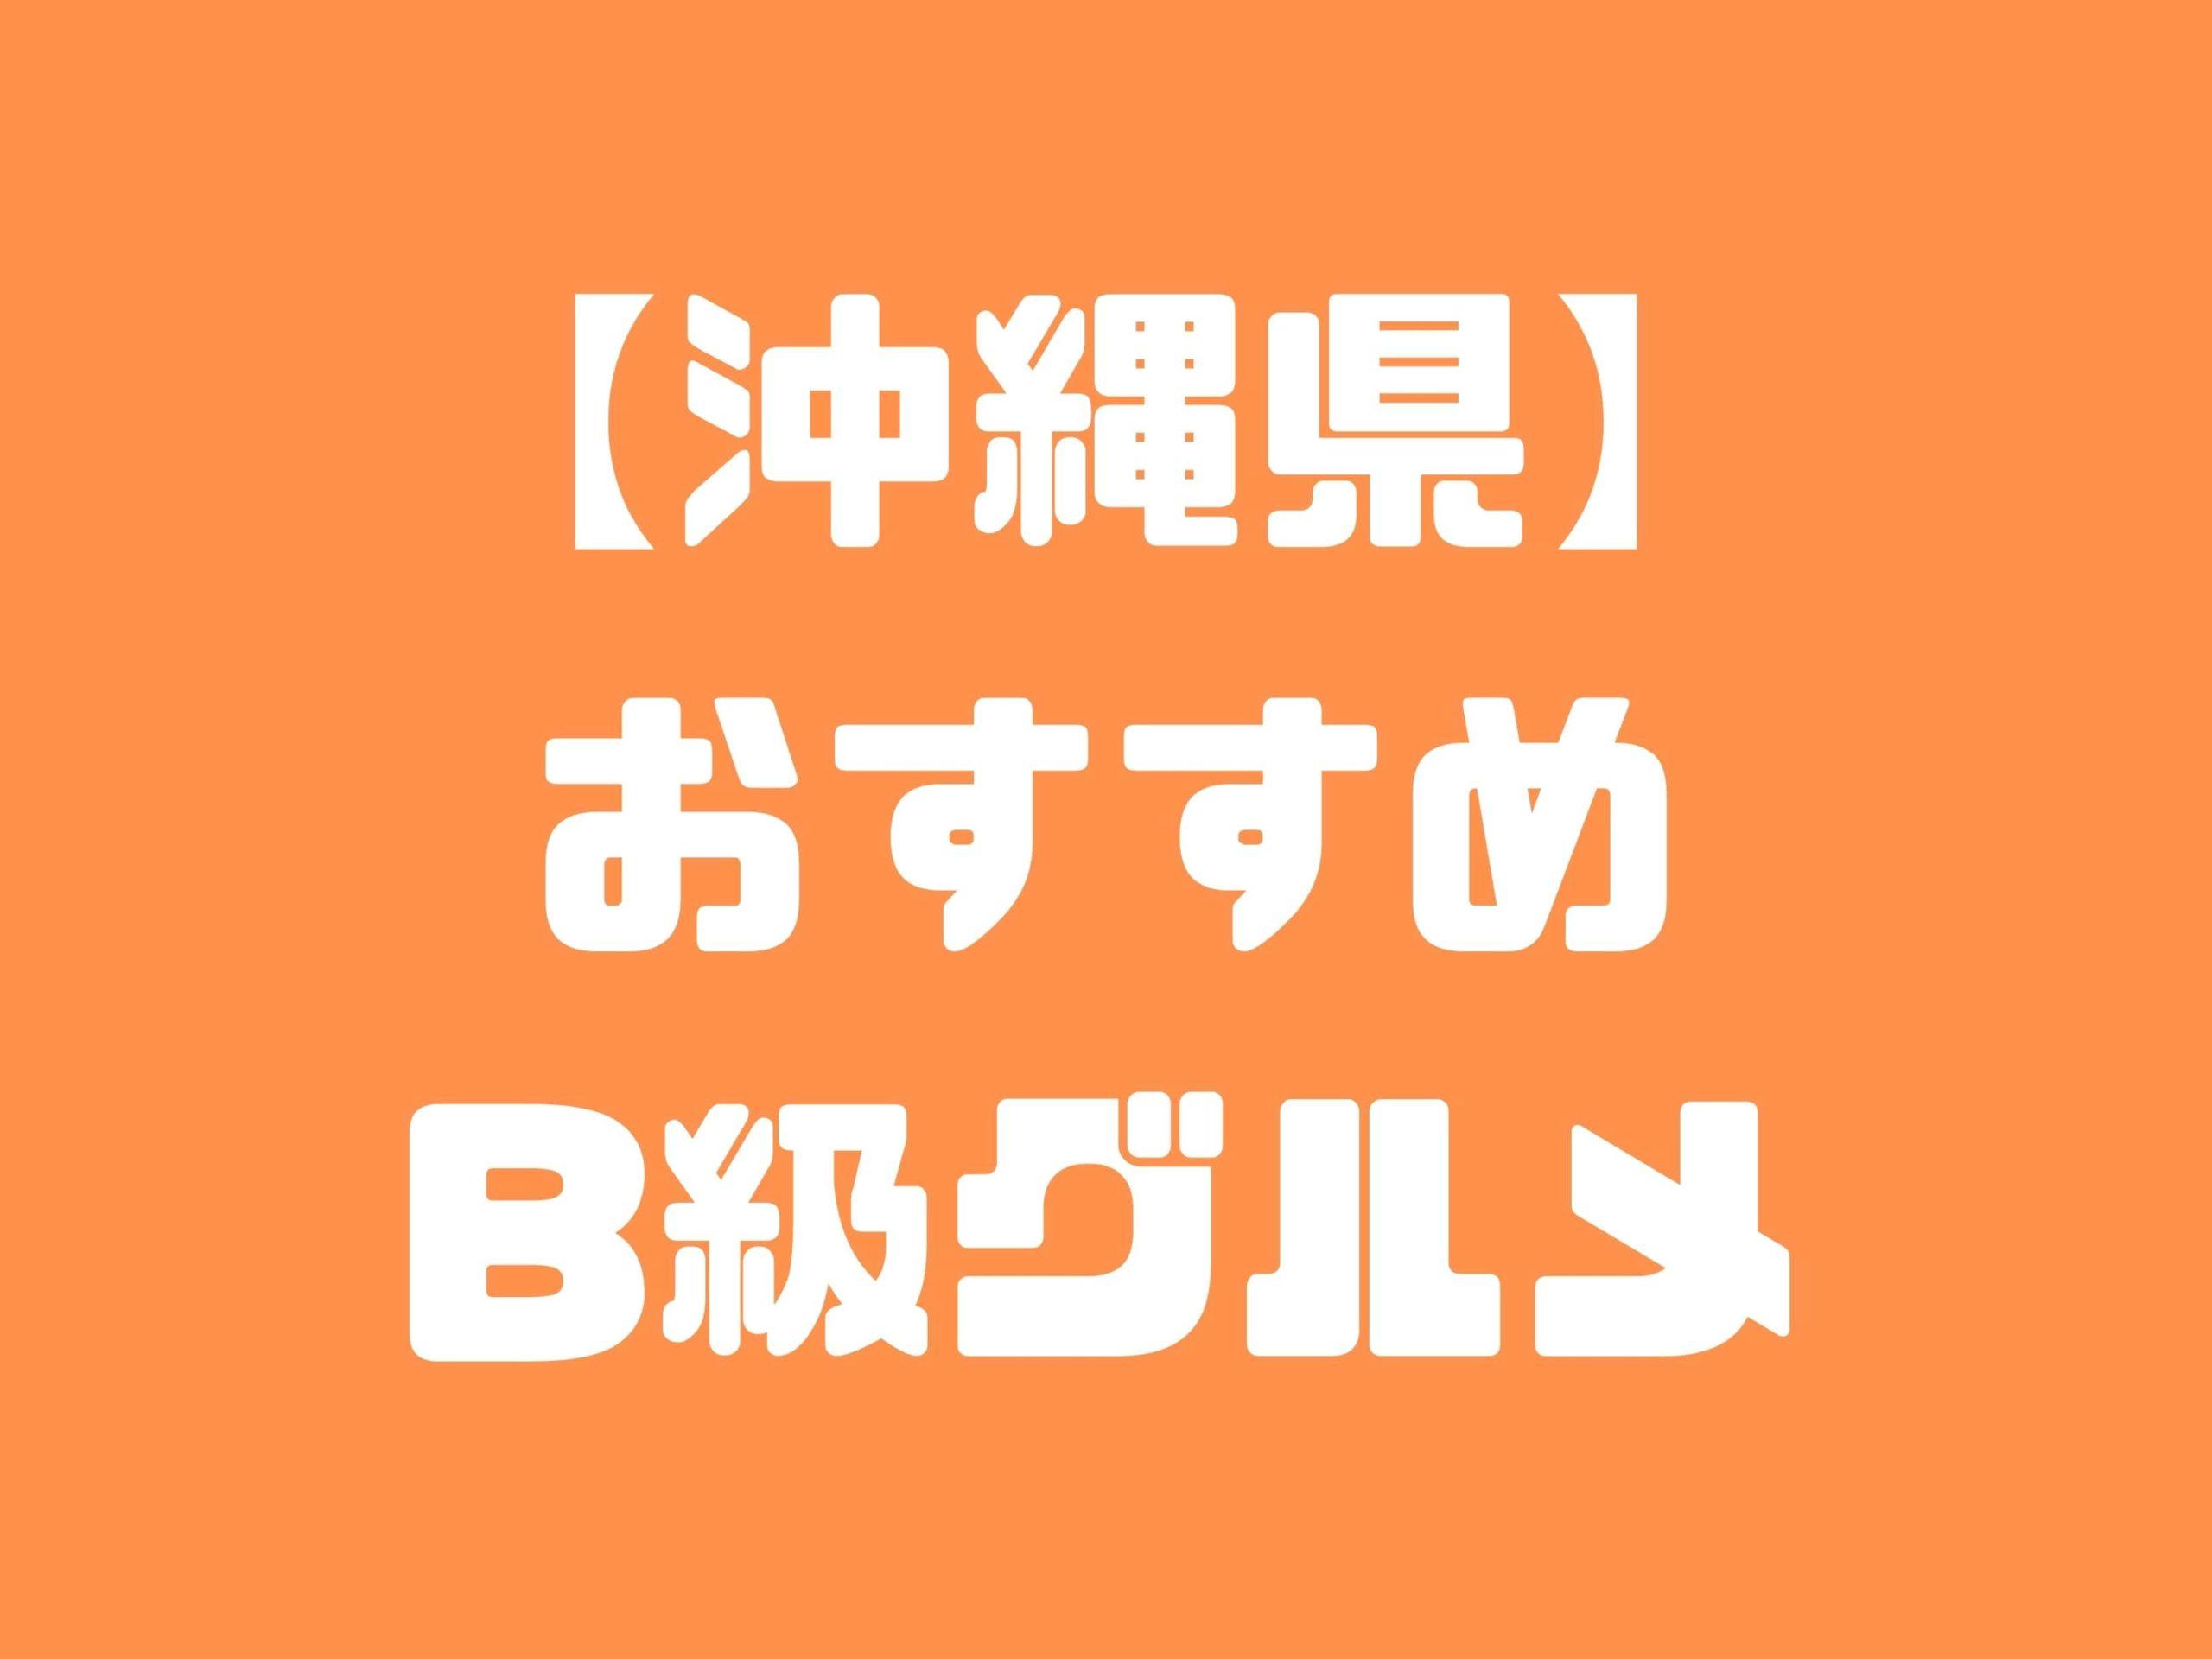 【沖縄県版】秘密のケンミンSHOWまとめ